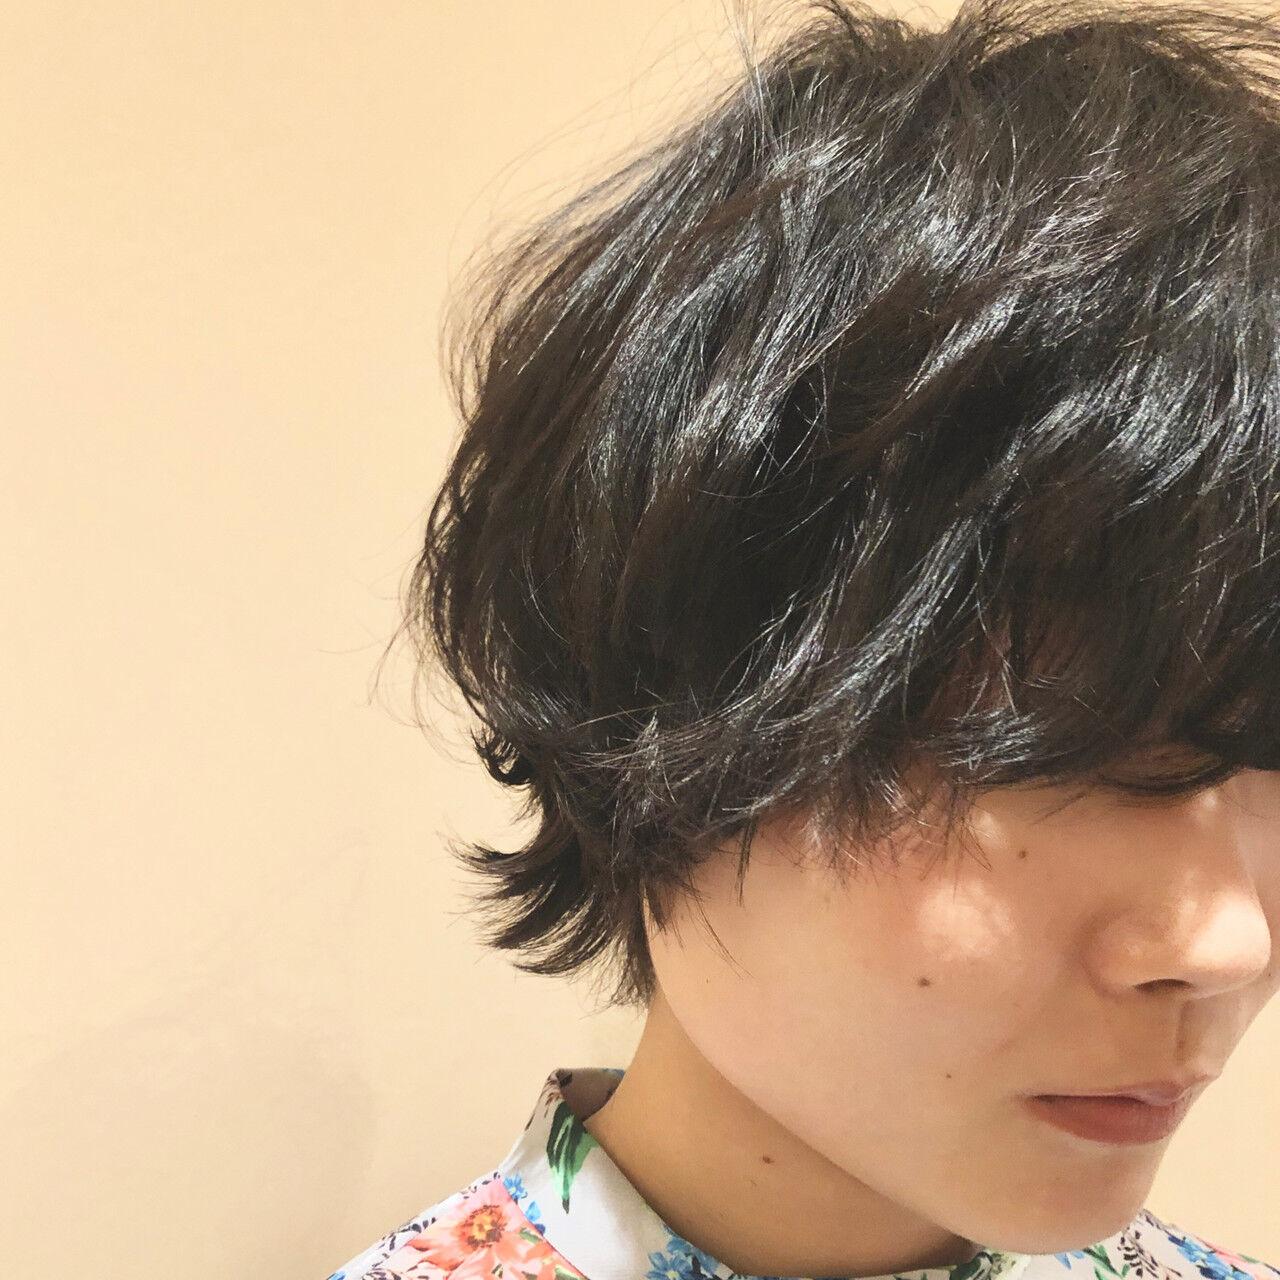 ウルフパーマ マッシュショート モード マッシュヘアスタイルや髪型の写真・画像